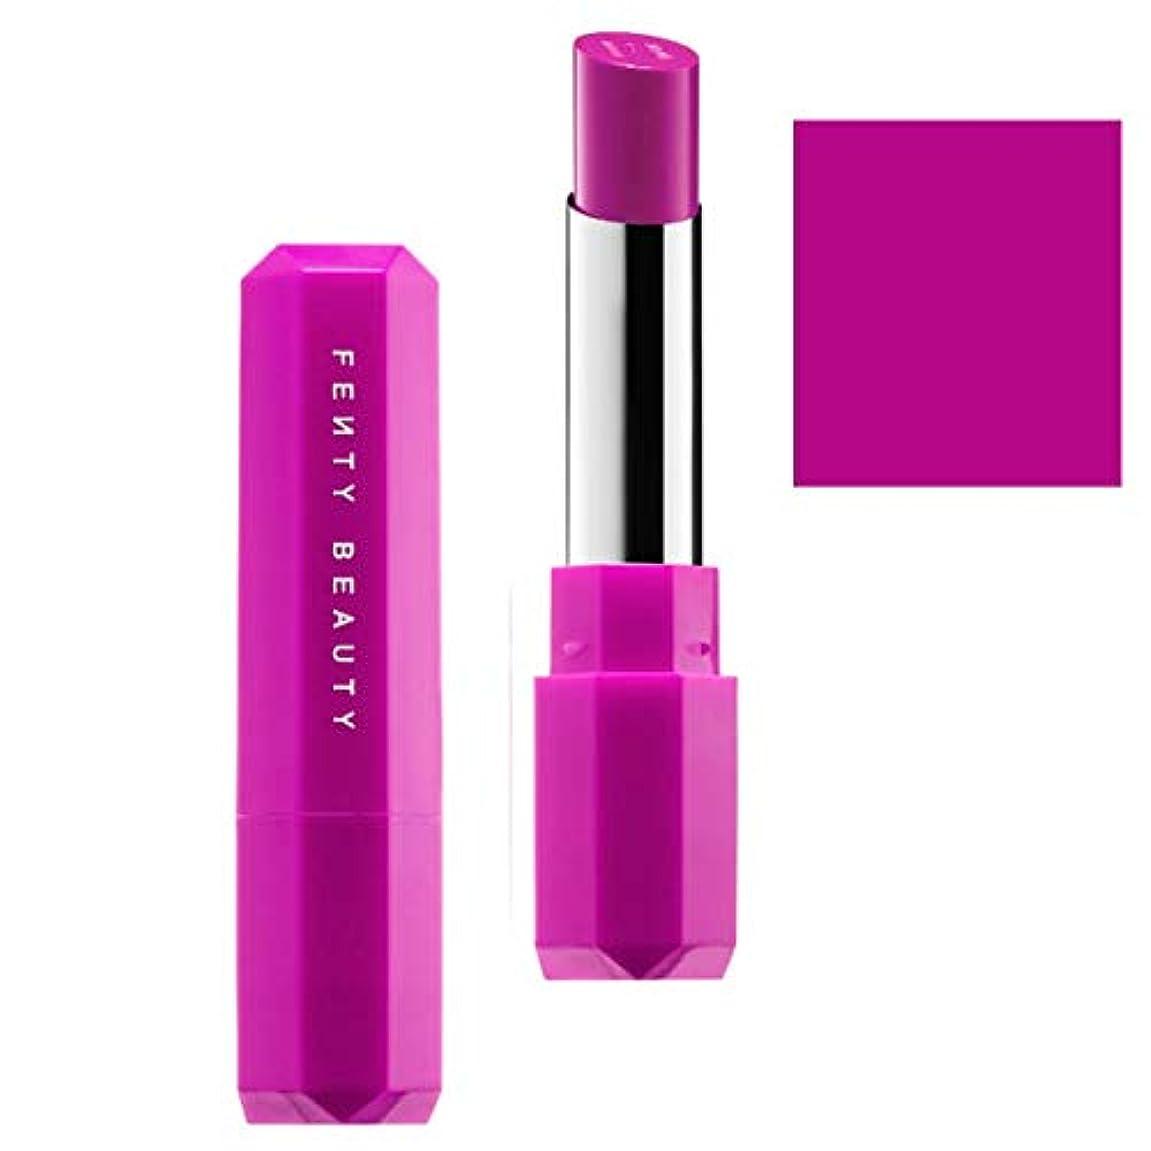 顔料言い訳キャンドルFENTY BEAUTY BY RIHANNA,New!!, 限定版 limited-edition, Poutsicle Juicy Satin Lipstick - Purpcicle [海外直送品] [並行輸入品]